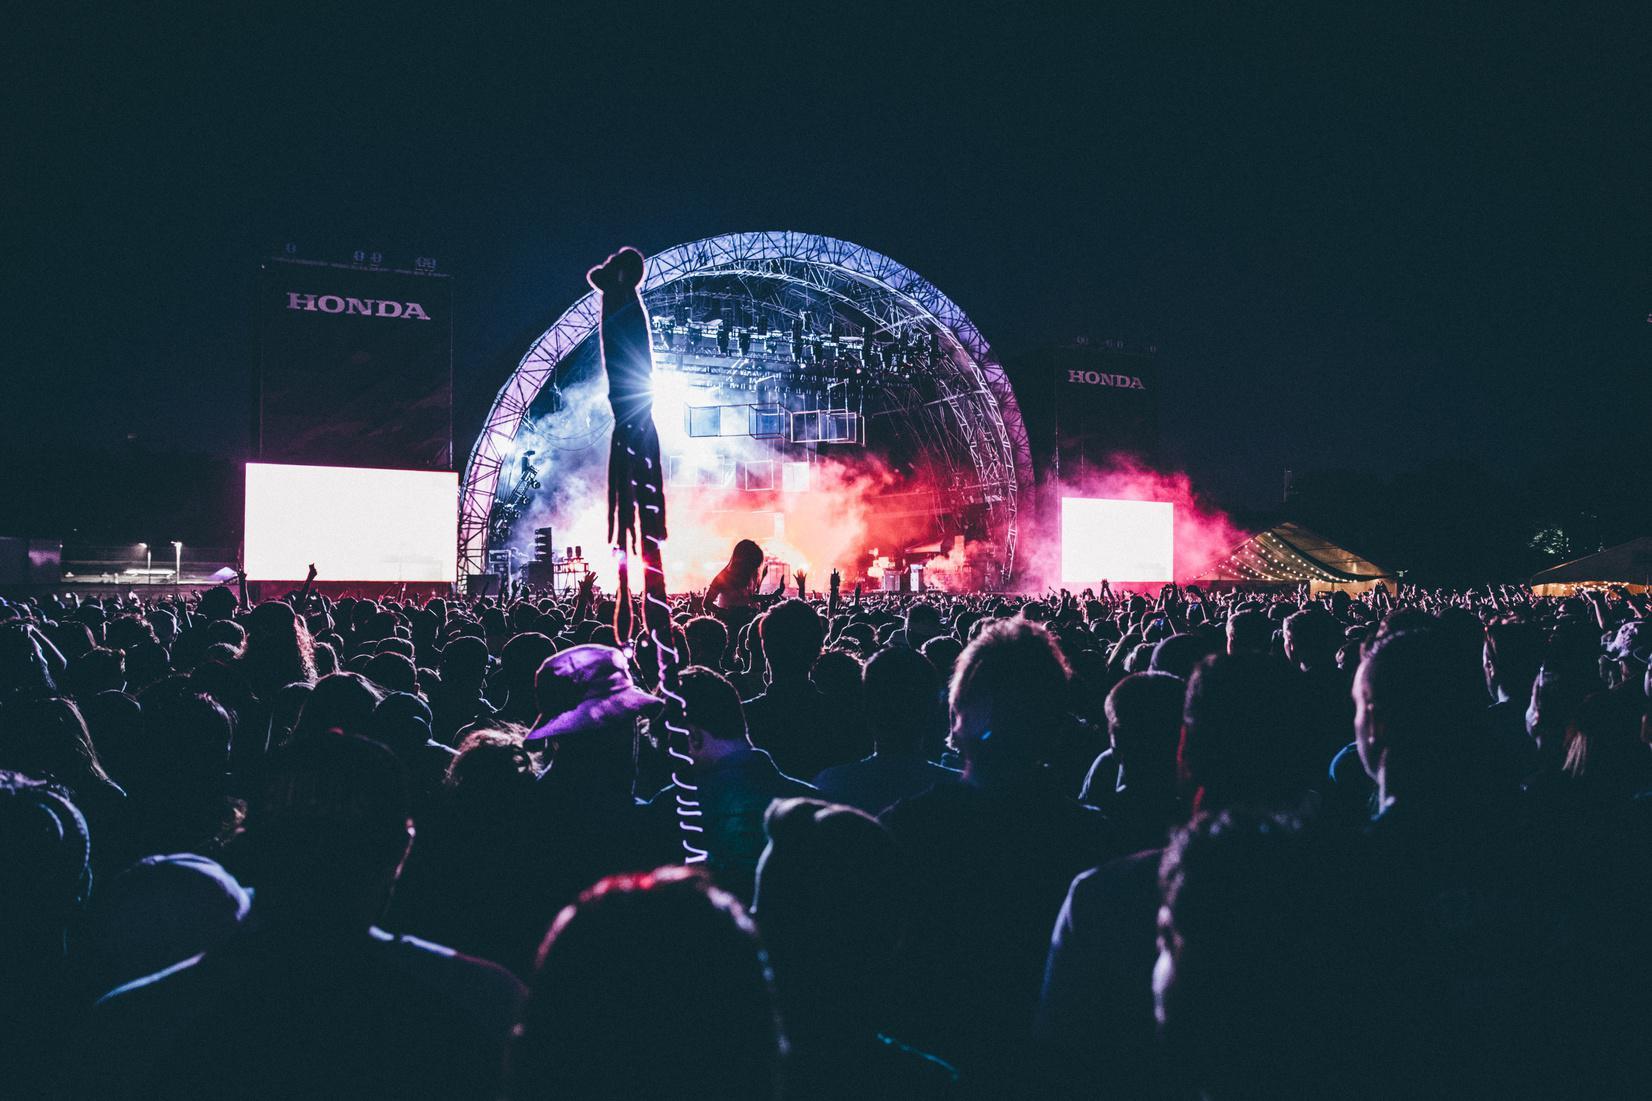 concert-stadium-ConvertImage